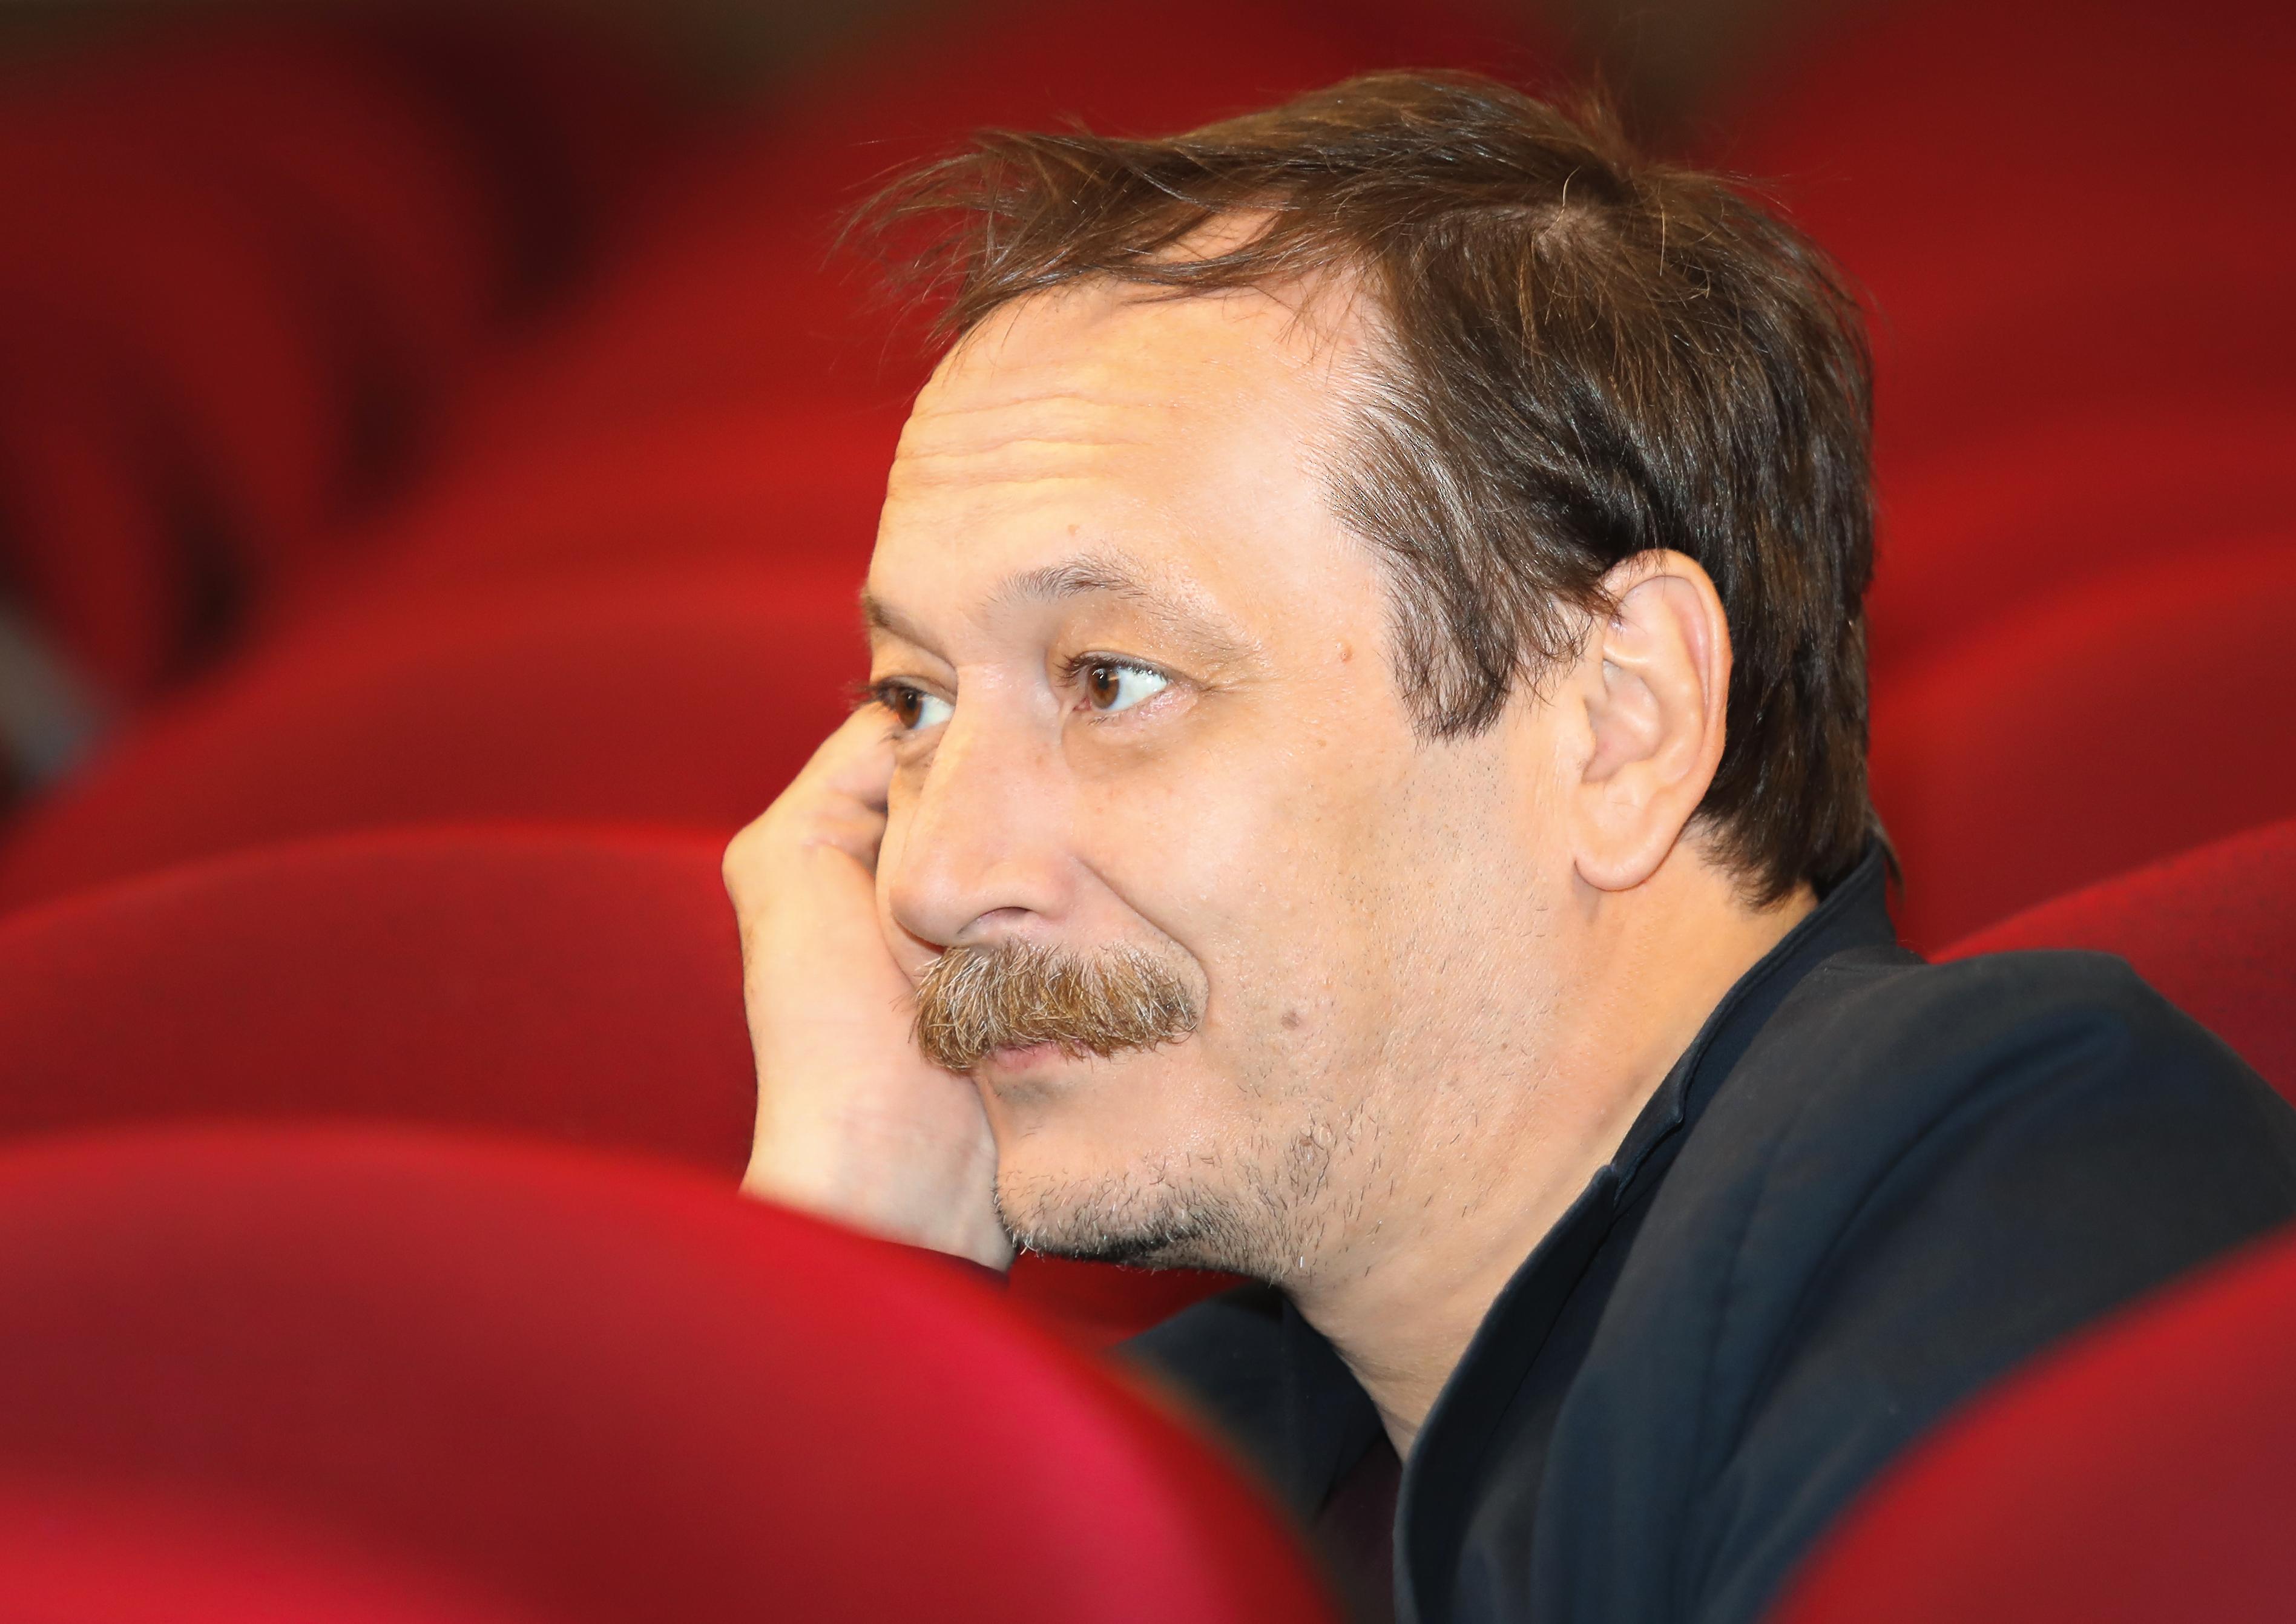 Владислав Ветров актер